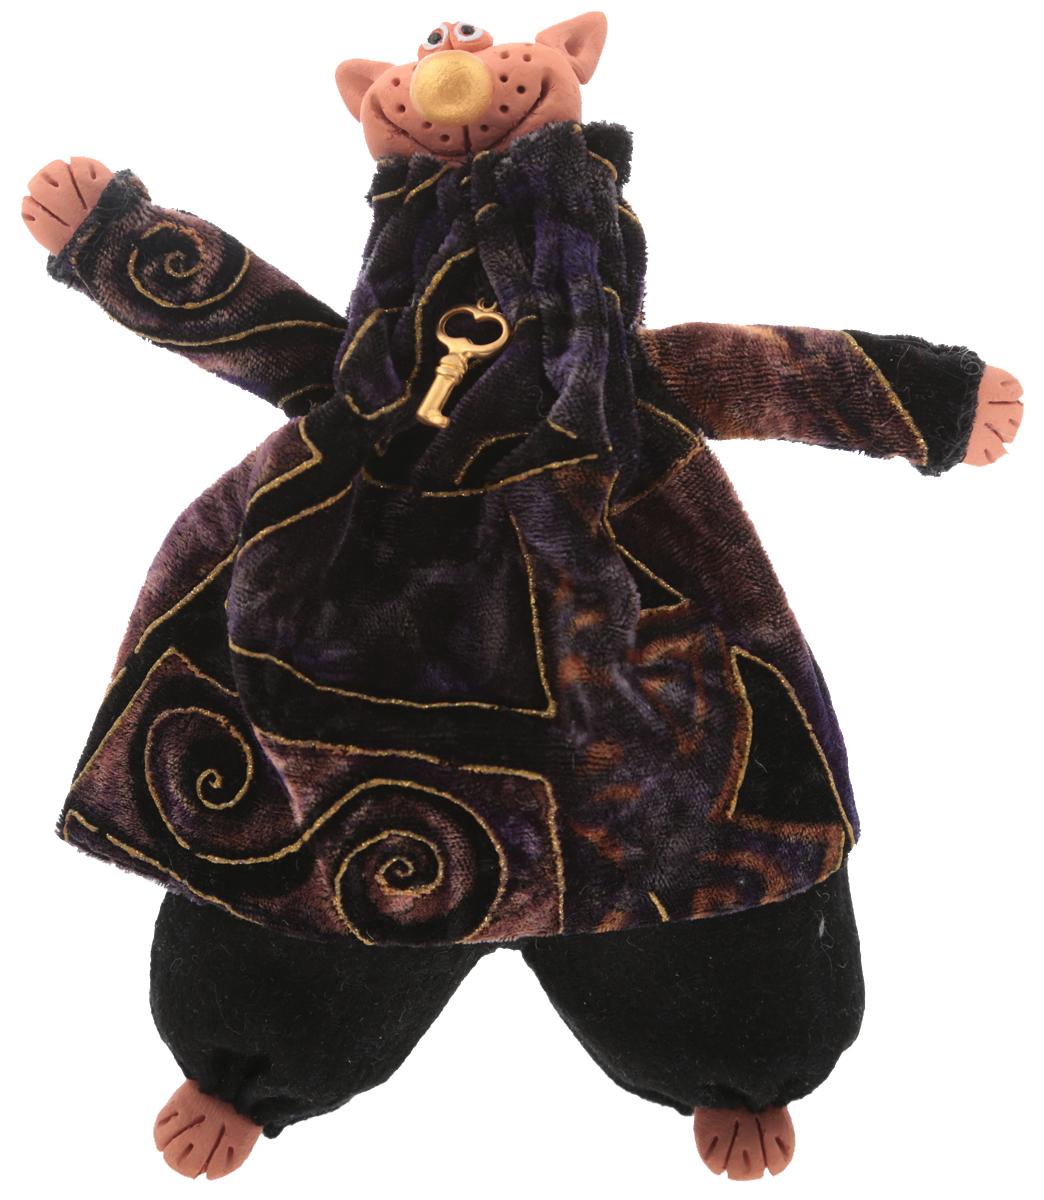 Подвесная кукла YusliQ Супер-кот. Авторская работа. Kyrk06 rk 646 кукла подвесная матрена 1105874